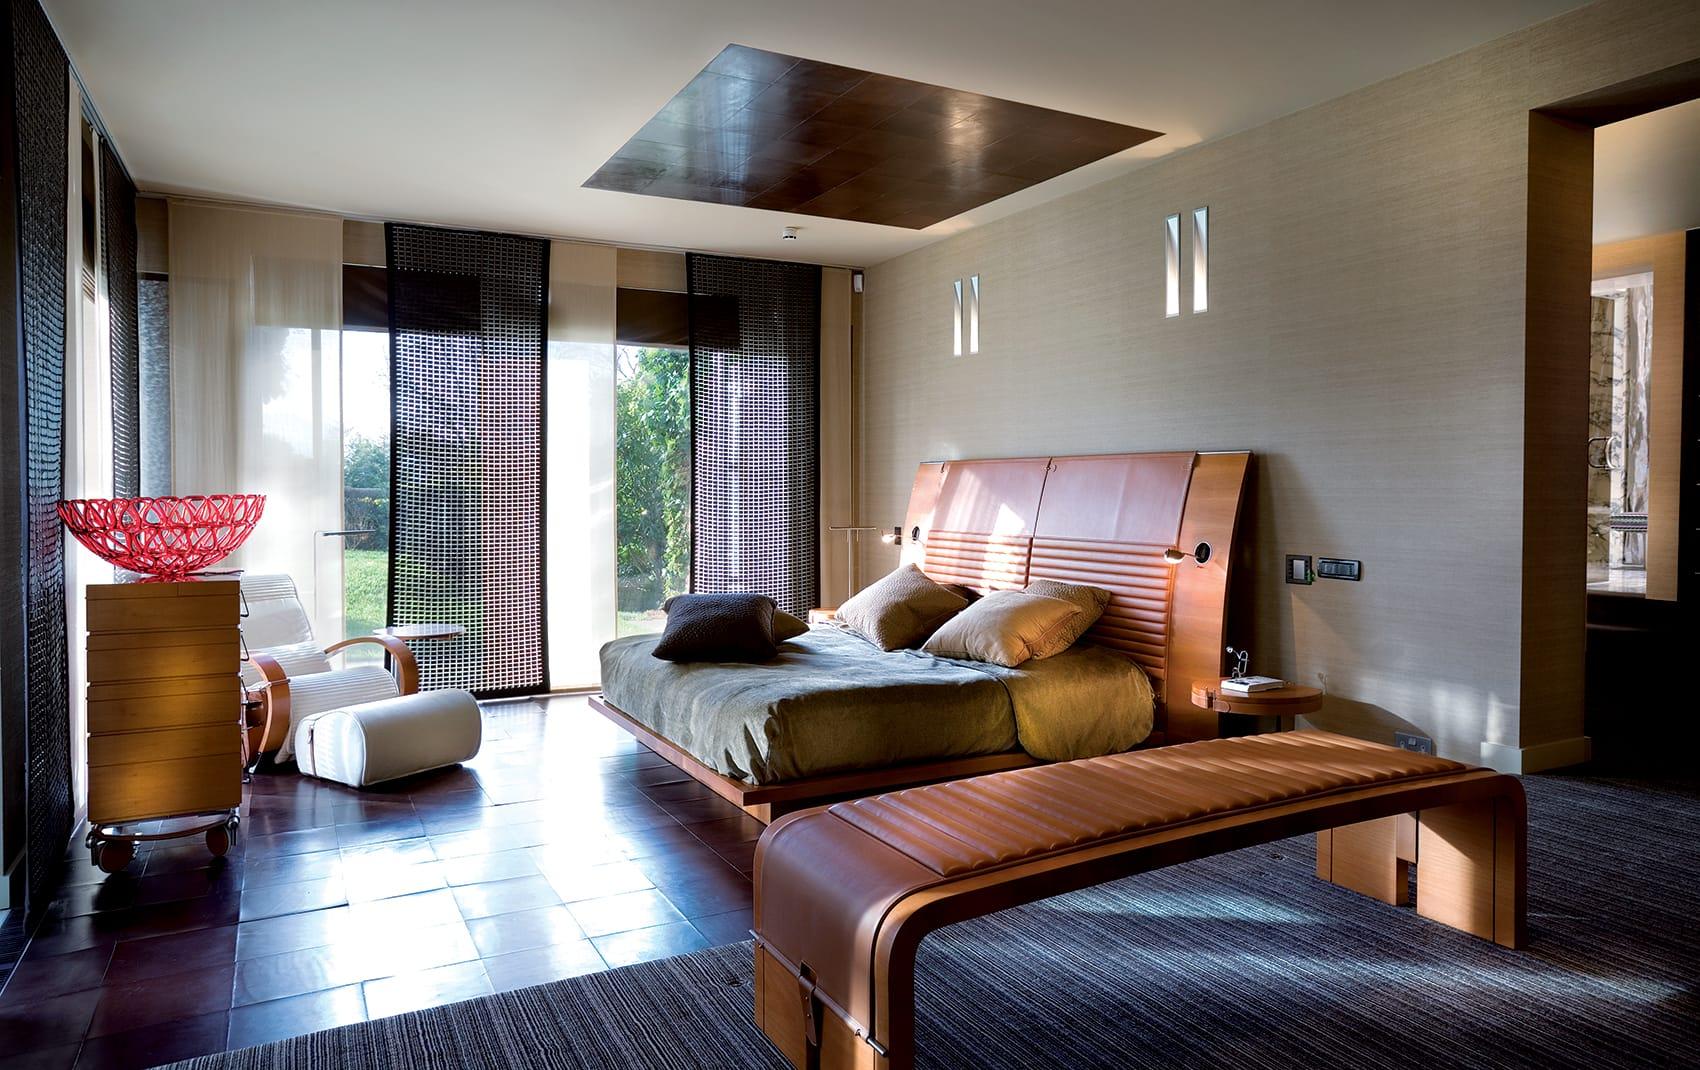 high end bedroom design London